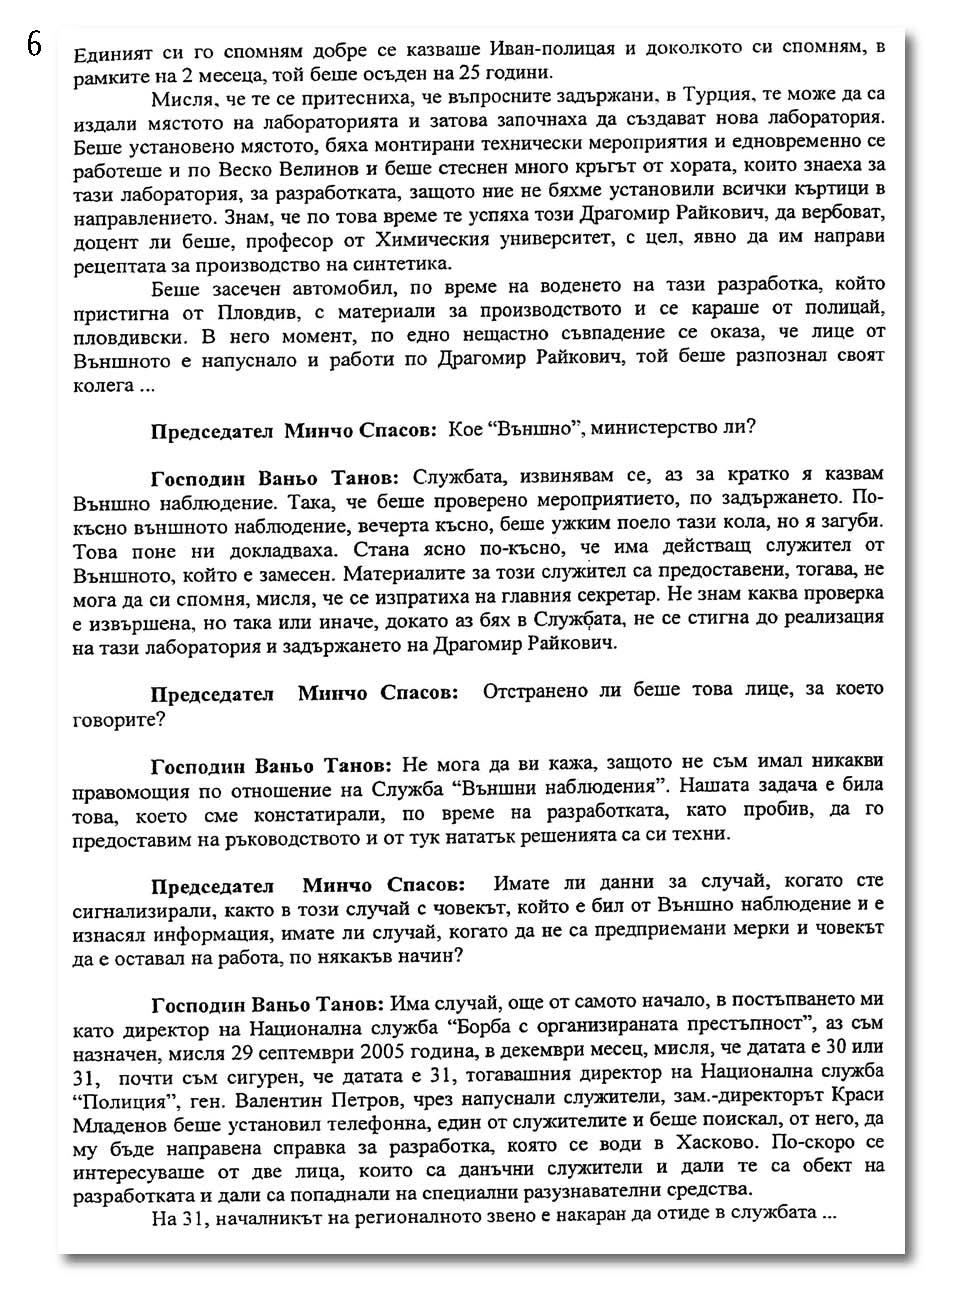 stenograma_page_06